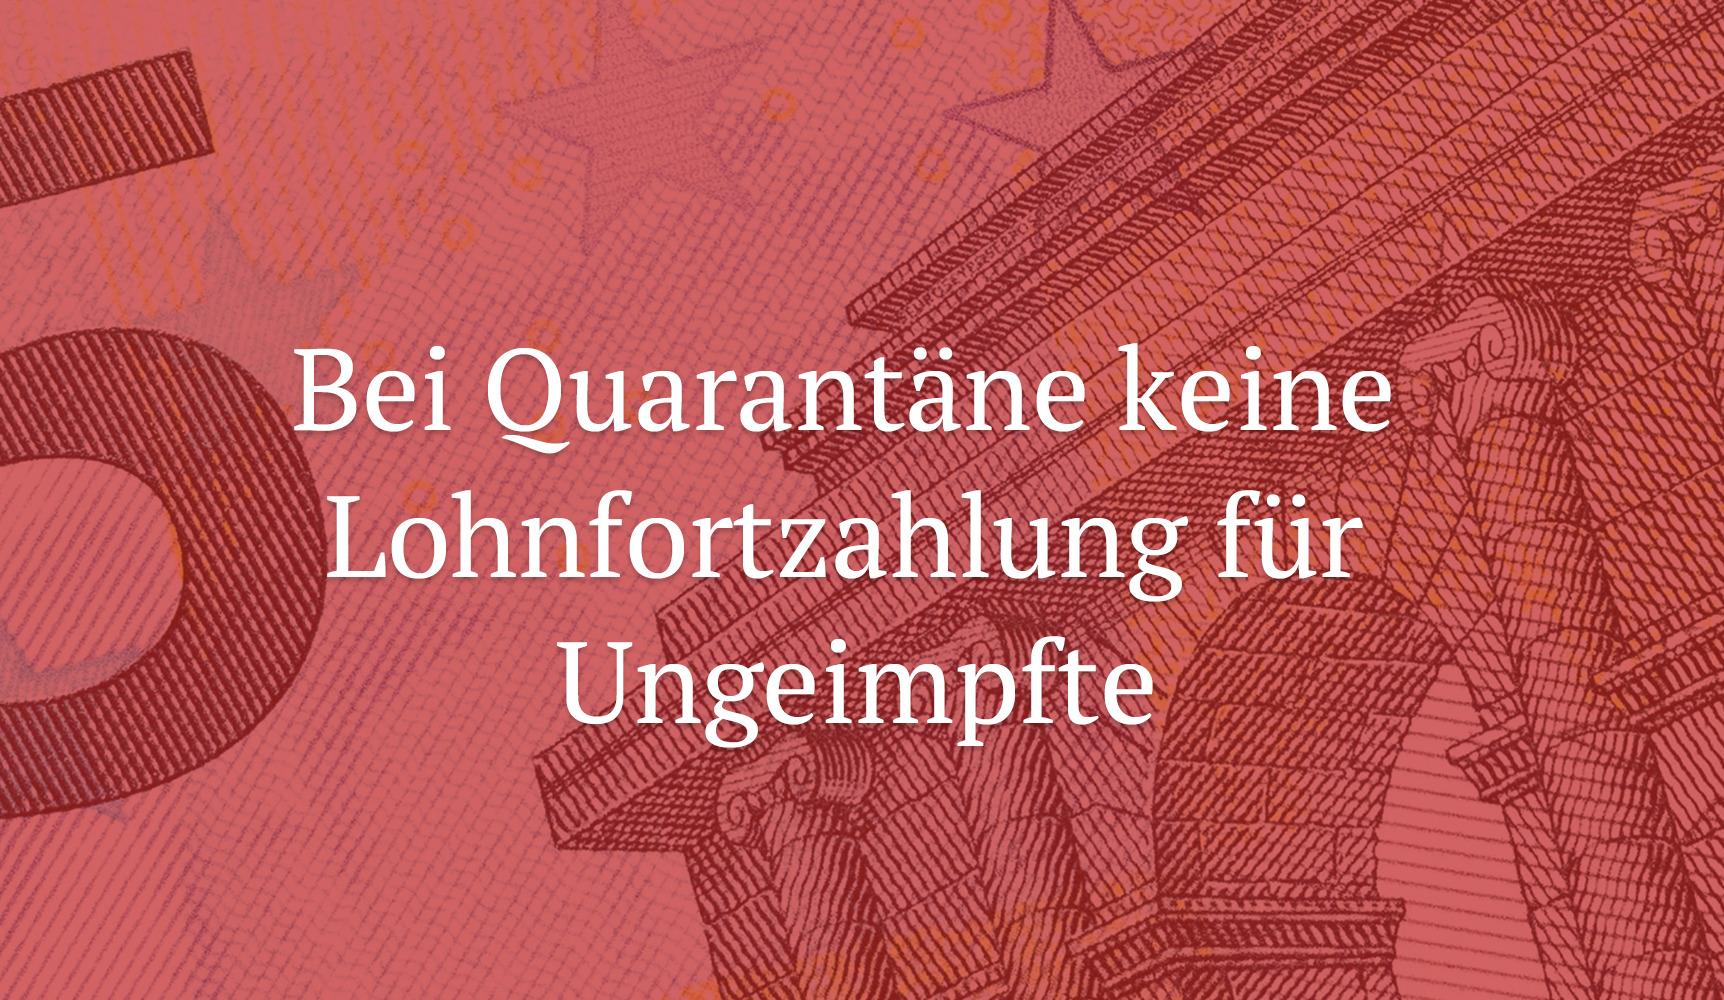 Bei Quarantäne keine Lohnfortzahlung für Ungeimpfte